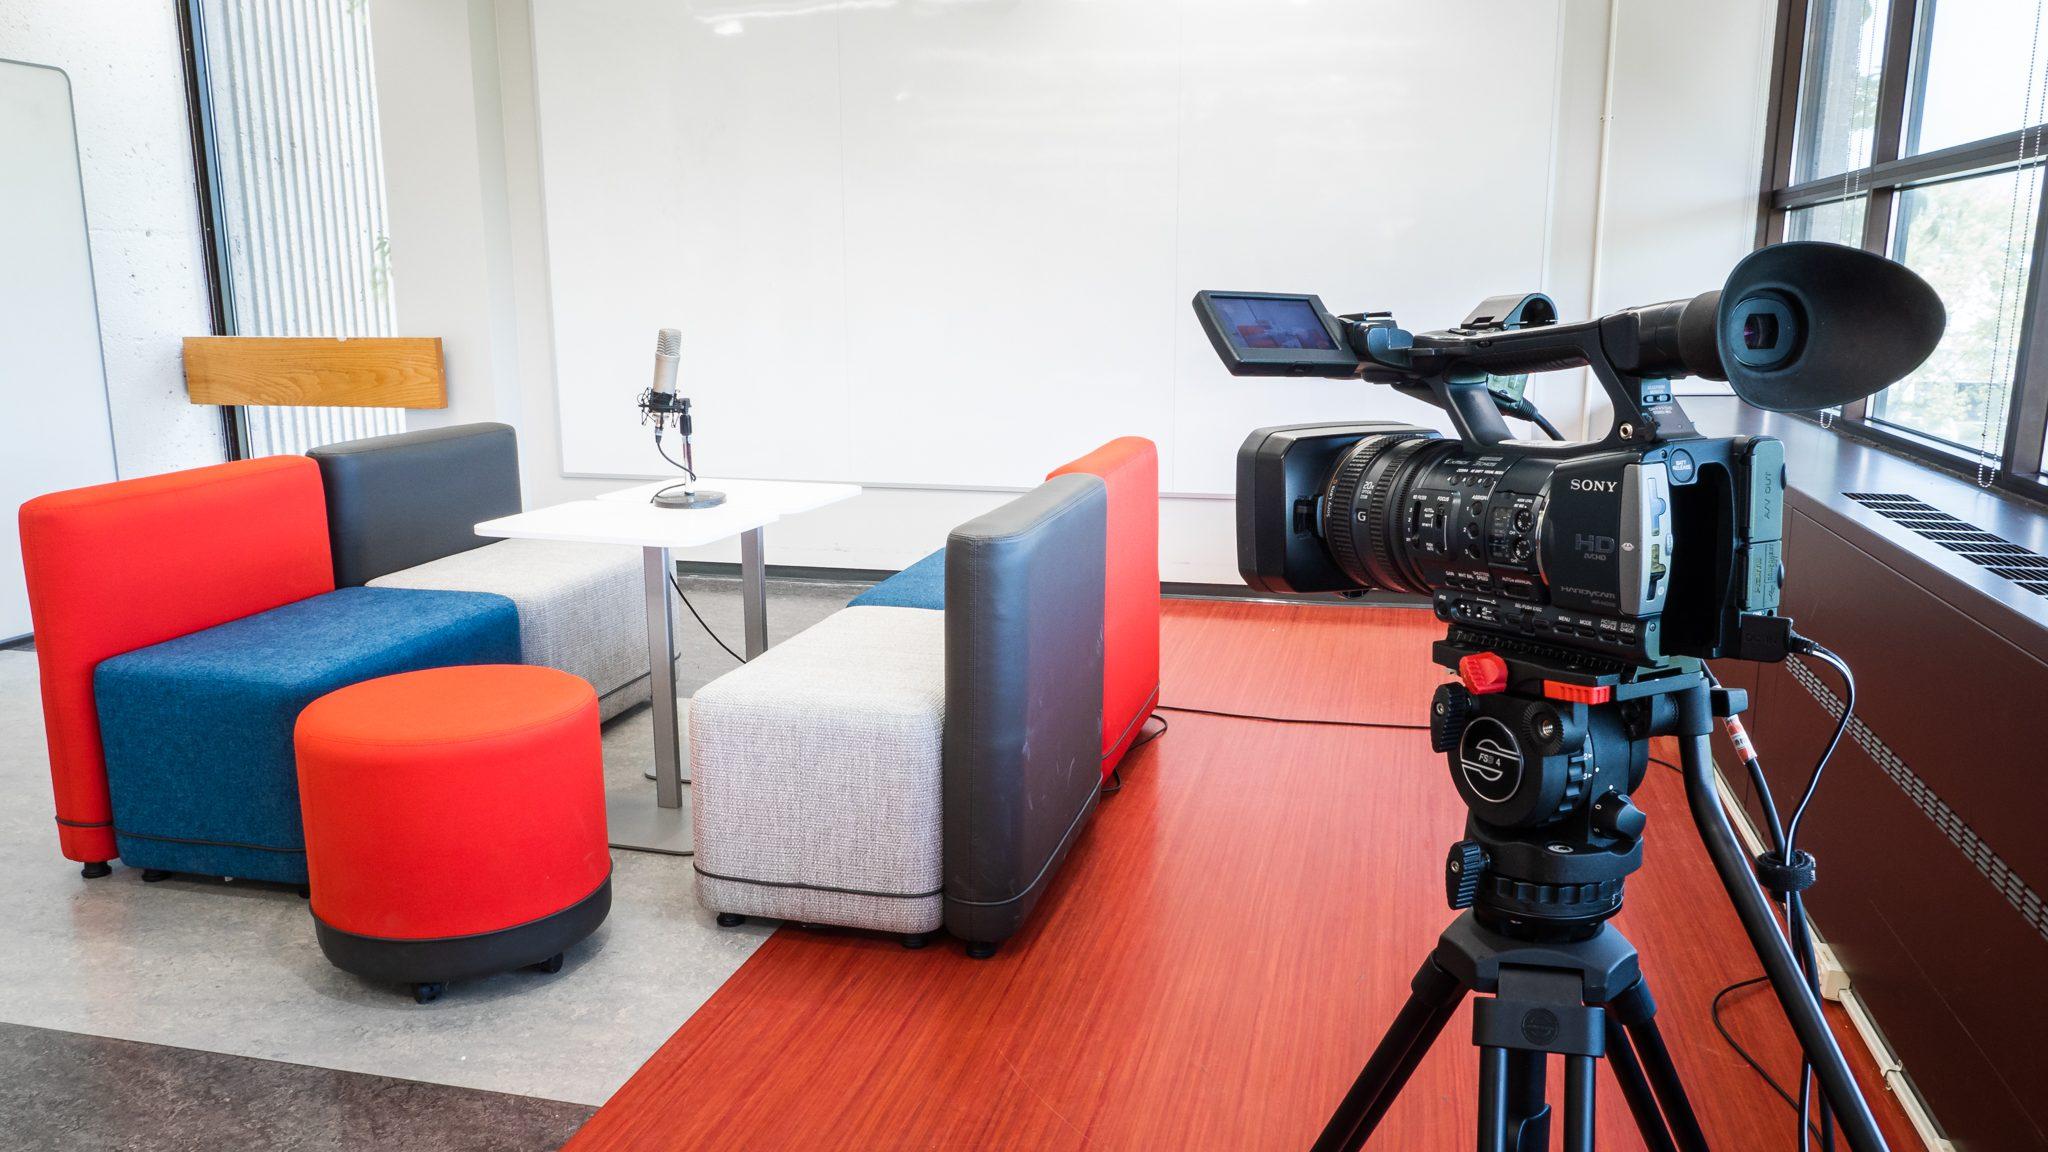 La caméra vidéo peut être utilisée pour filmer une scène et ensuite la visionner afin d'apprendre à s'améliorer en communication.